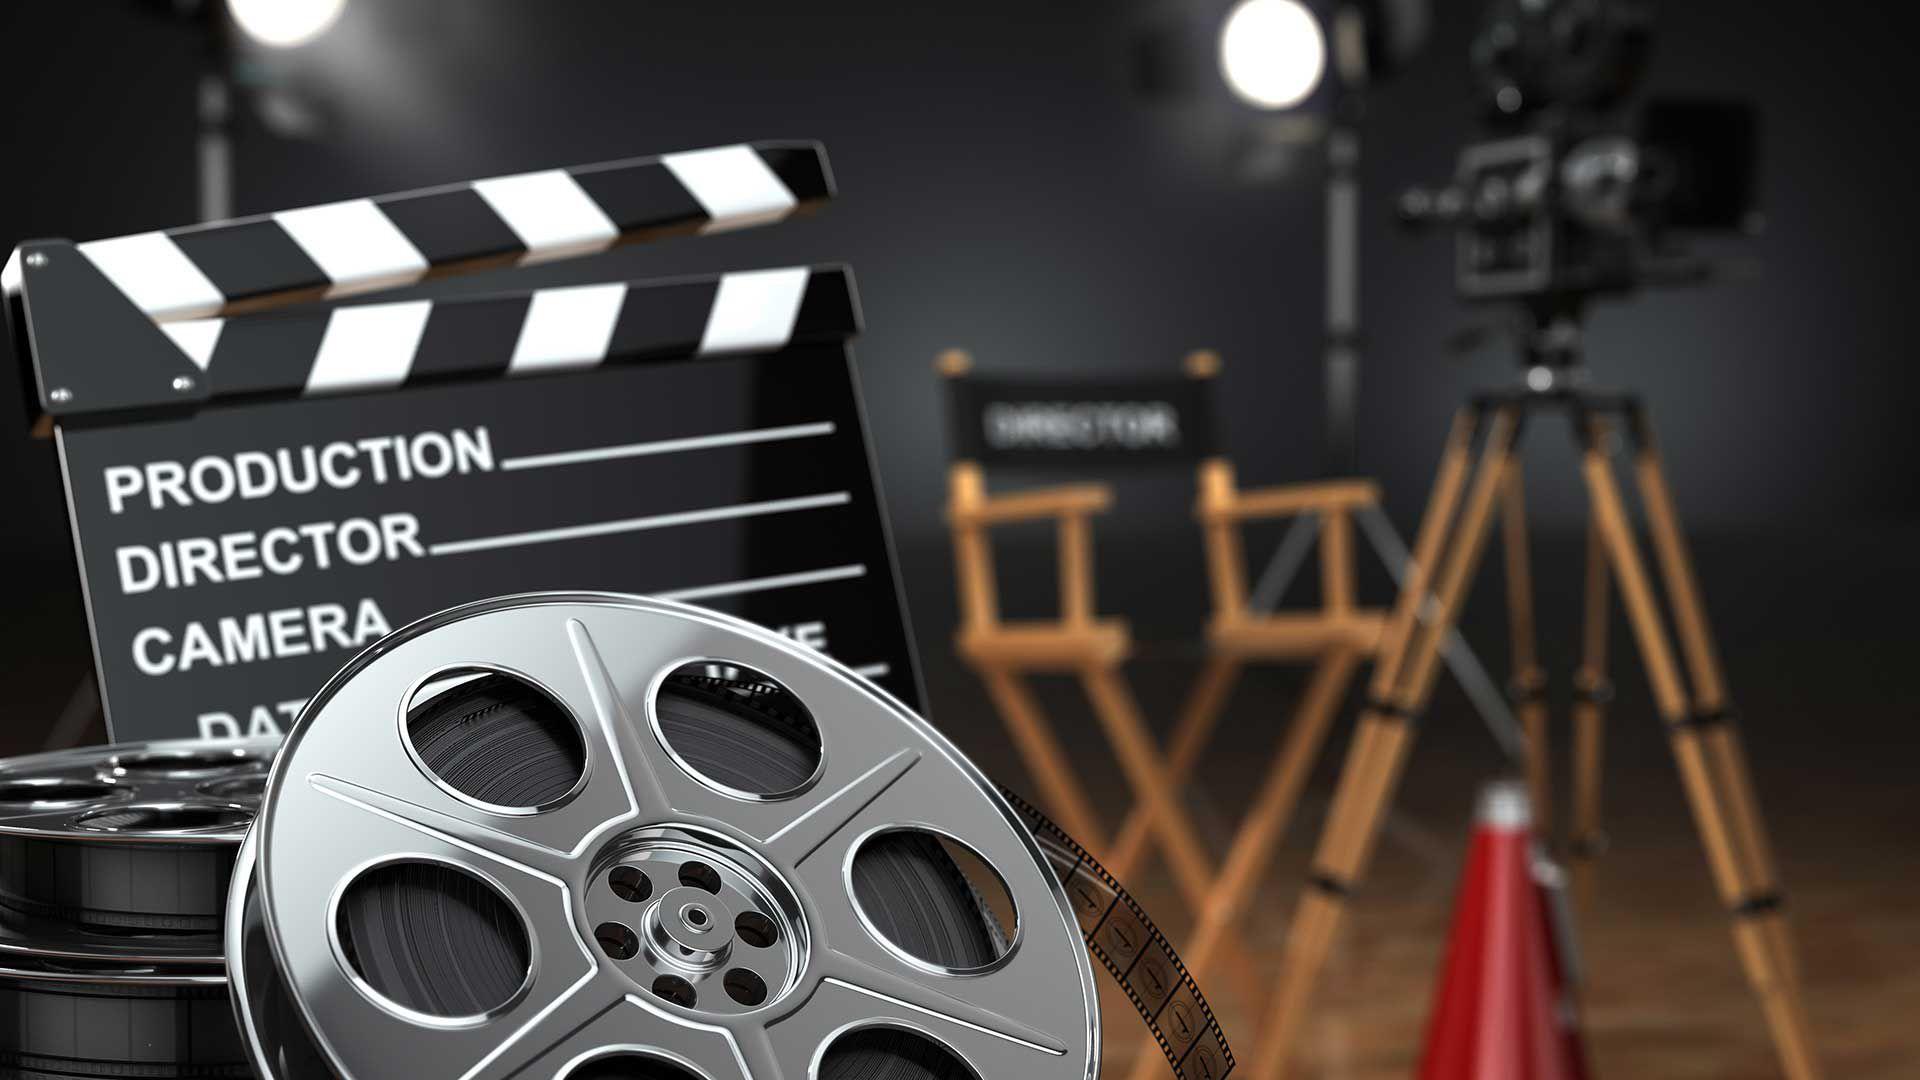 پروتکلهای کرونایی در پشت صحنه فیلمها رعایت میشوند؟